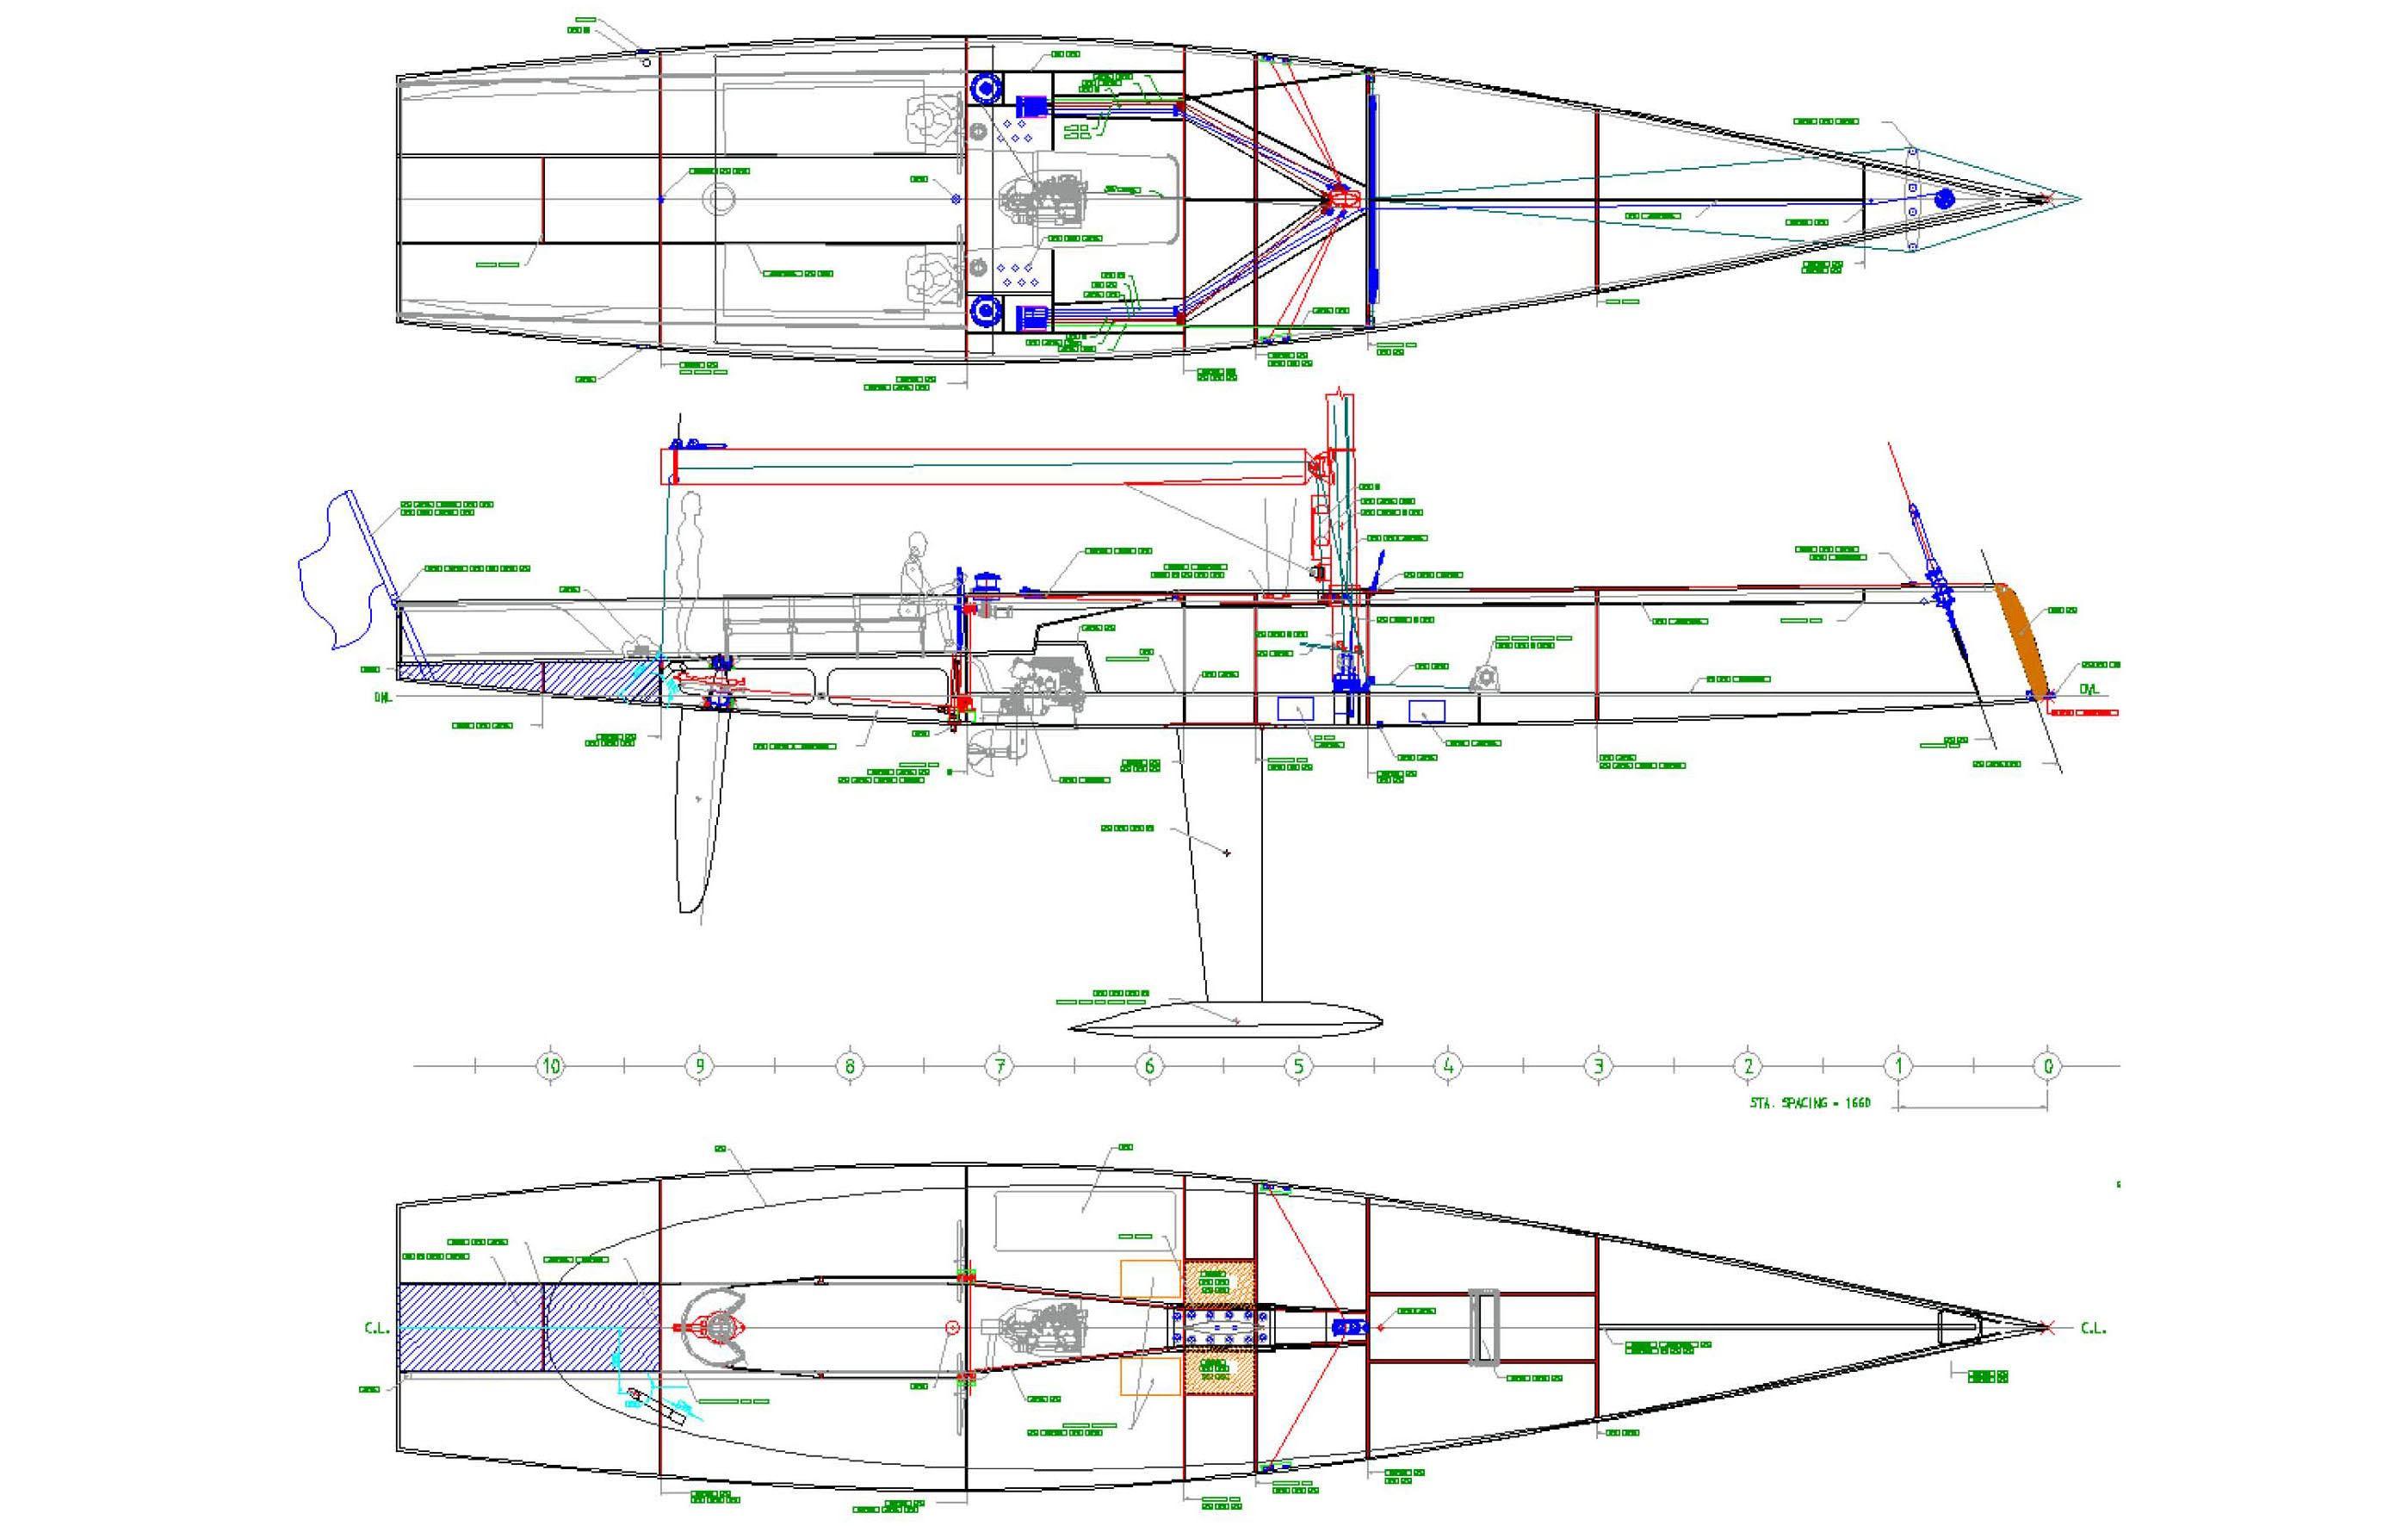 Fein E Roller Schaltplan Ideen - Der Schaltplan - greigo.com